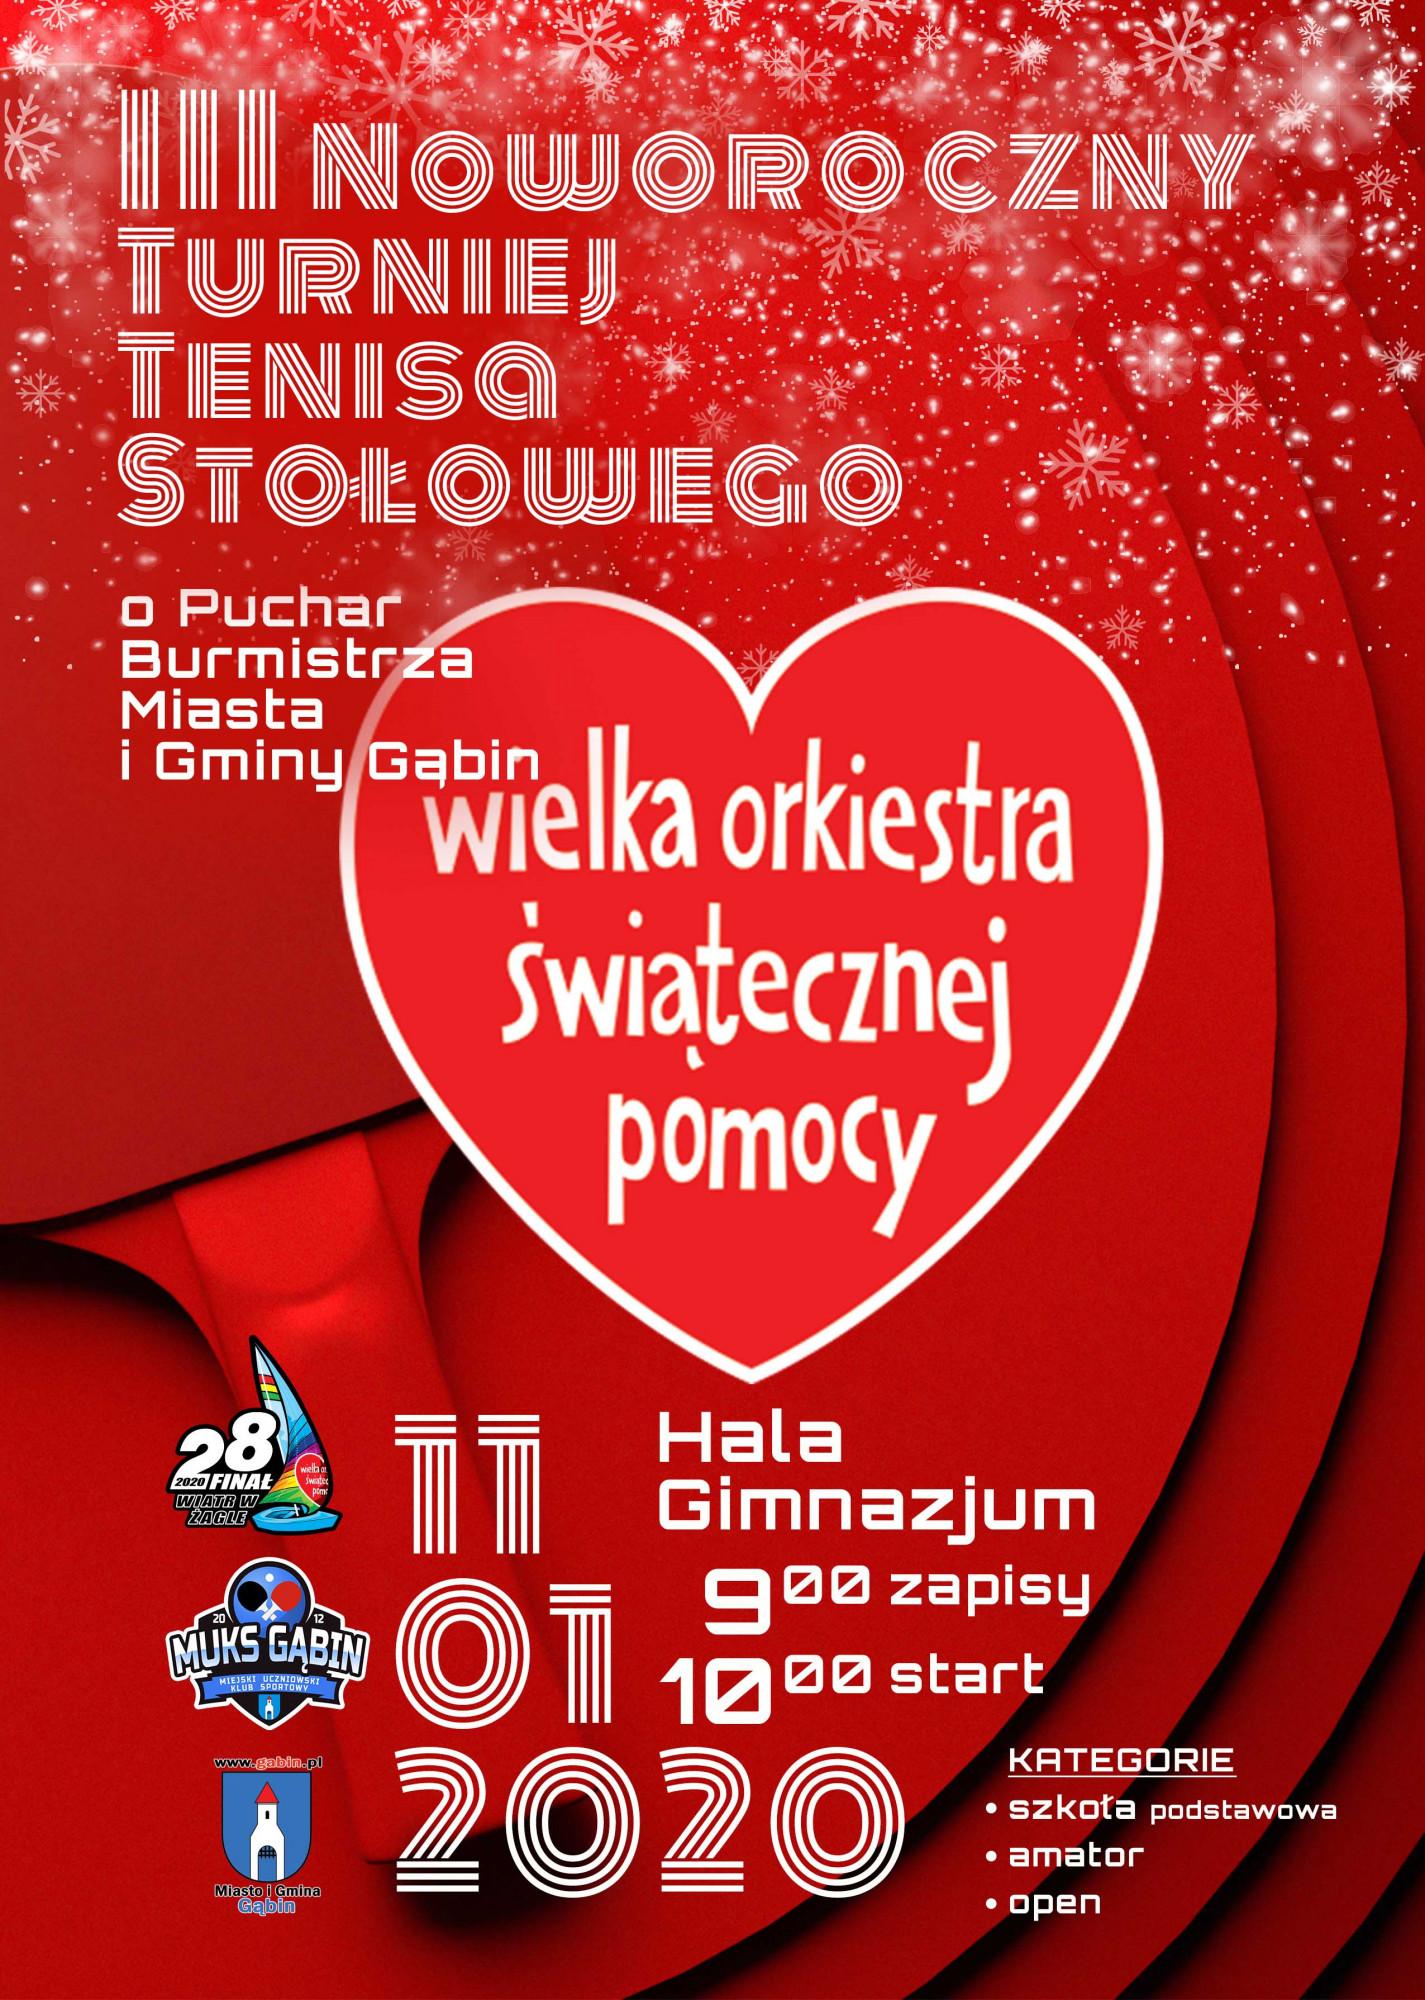 Plakat turnieju III Noworoczny Turniej Tenisa Stołowego o Puchar Burmistrza Miasta i Gminy Gąbin